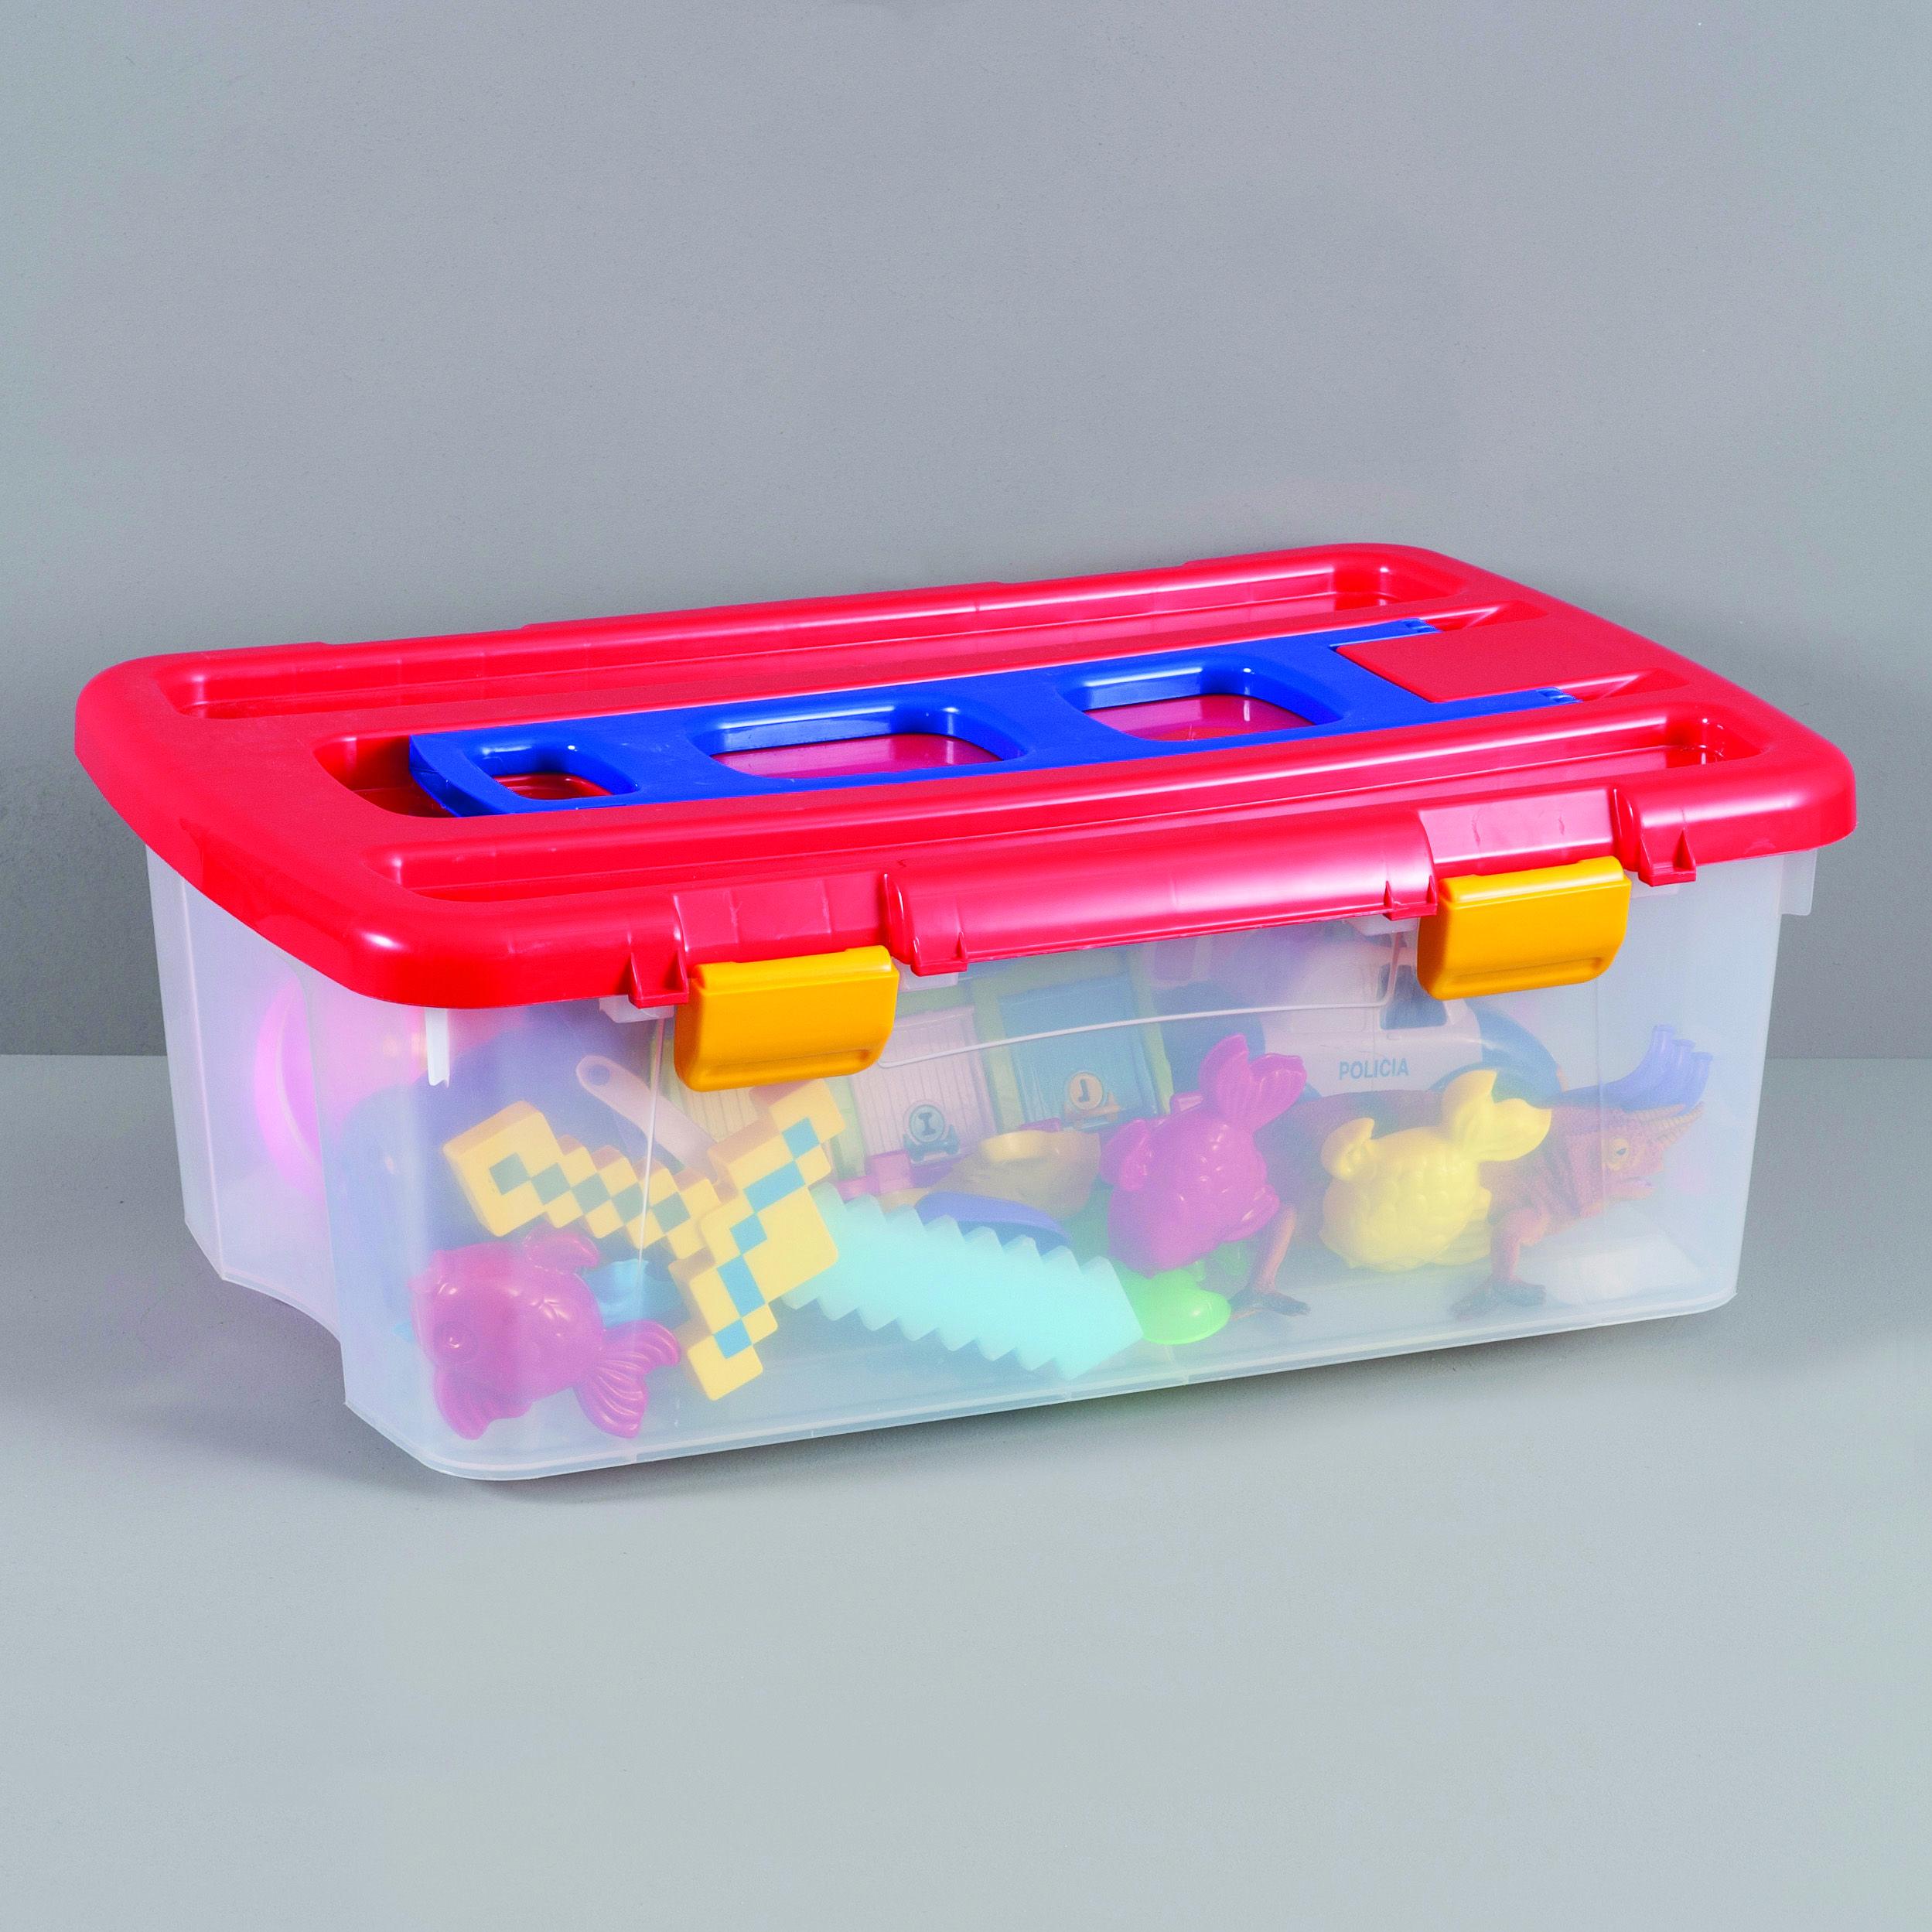 Los más chiquitos también necesitan tener bien guardadas sus cosas importantes. #Easy #Organizadores #Soluciones